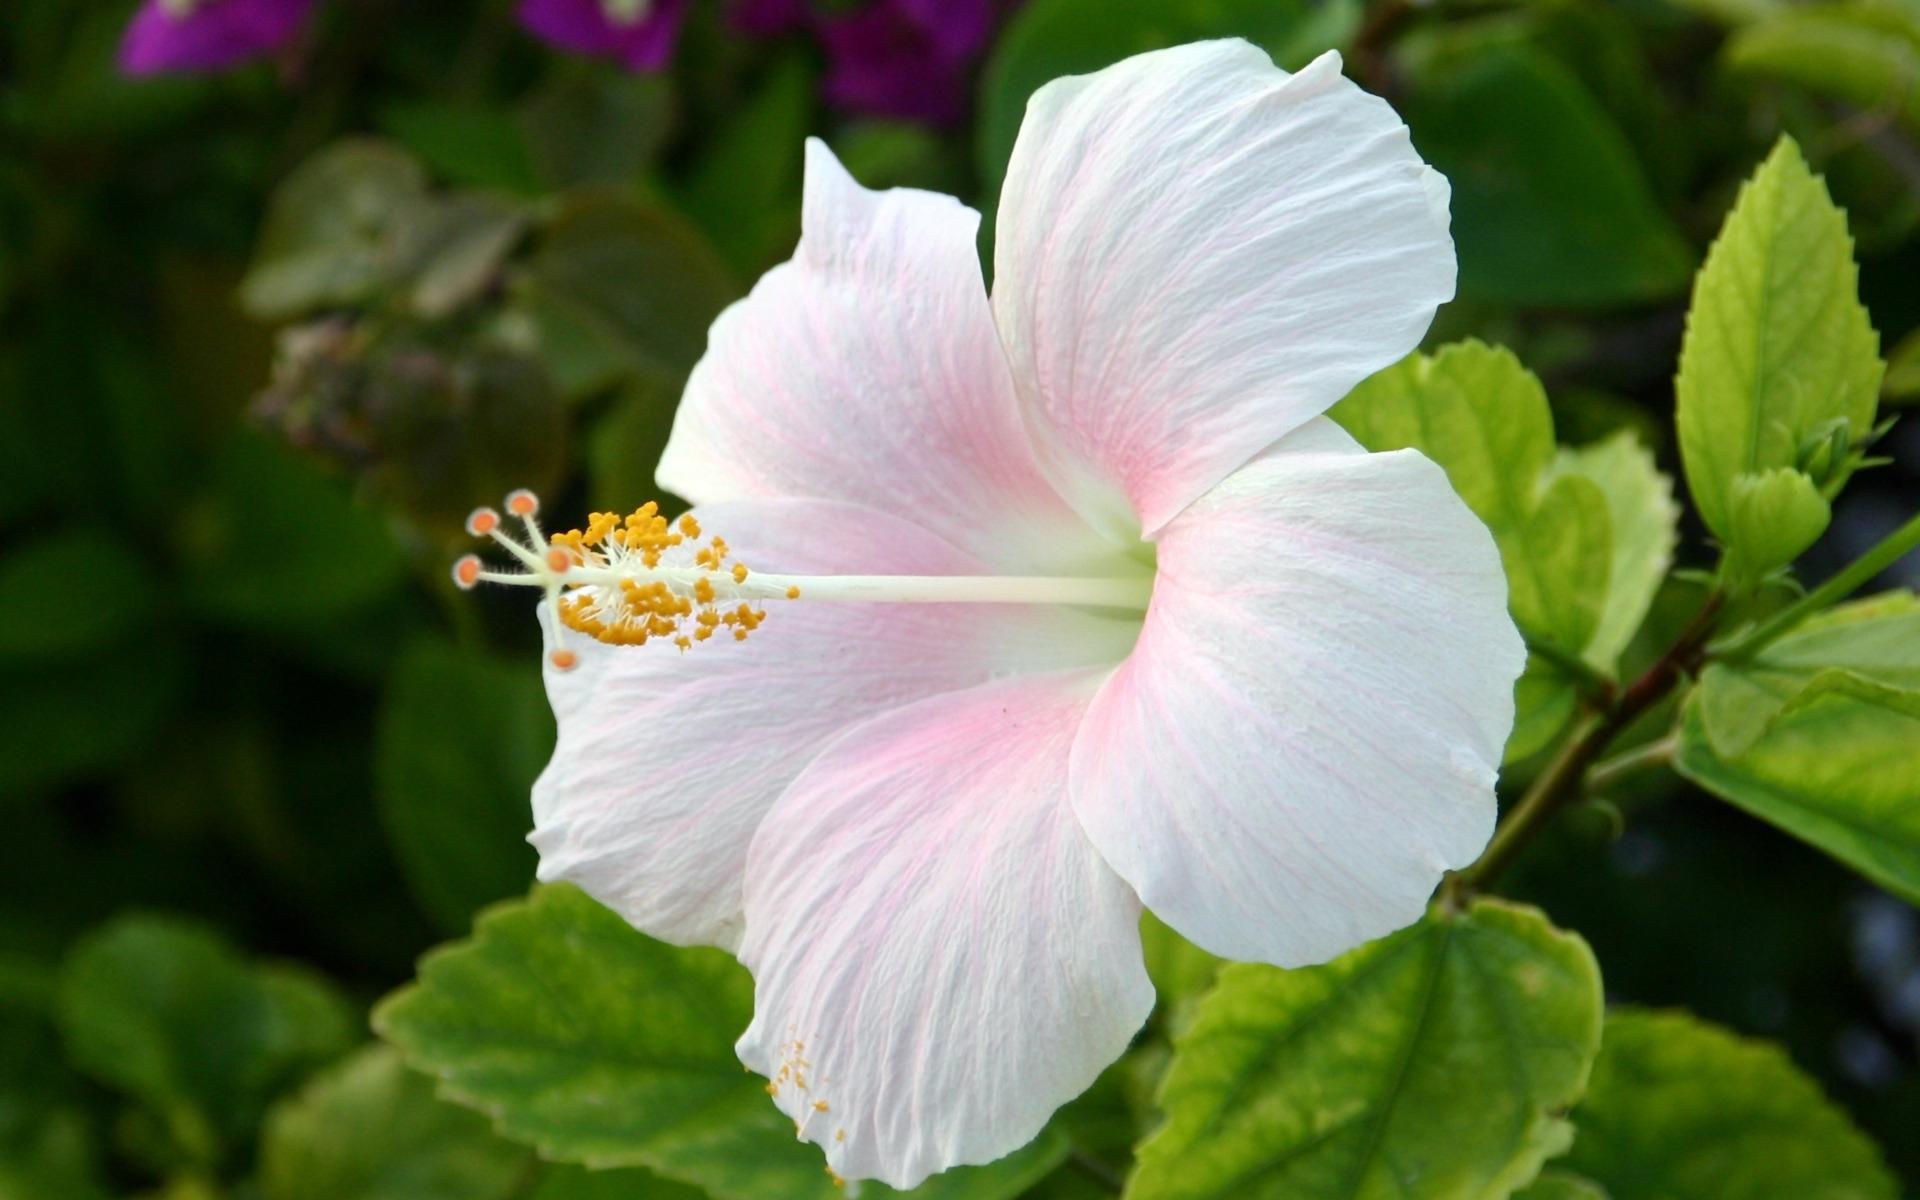 прекрасным белая китайская роза фото женой пришли гости